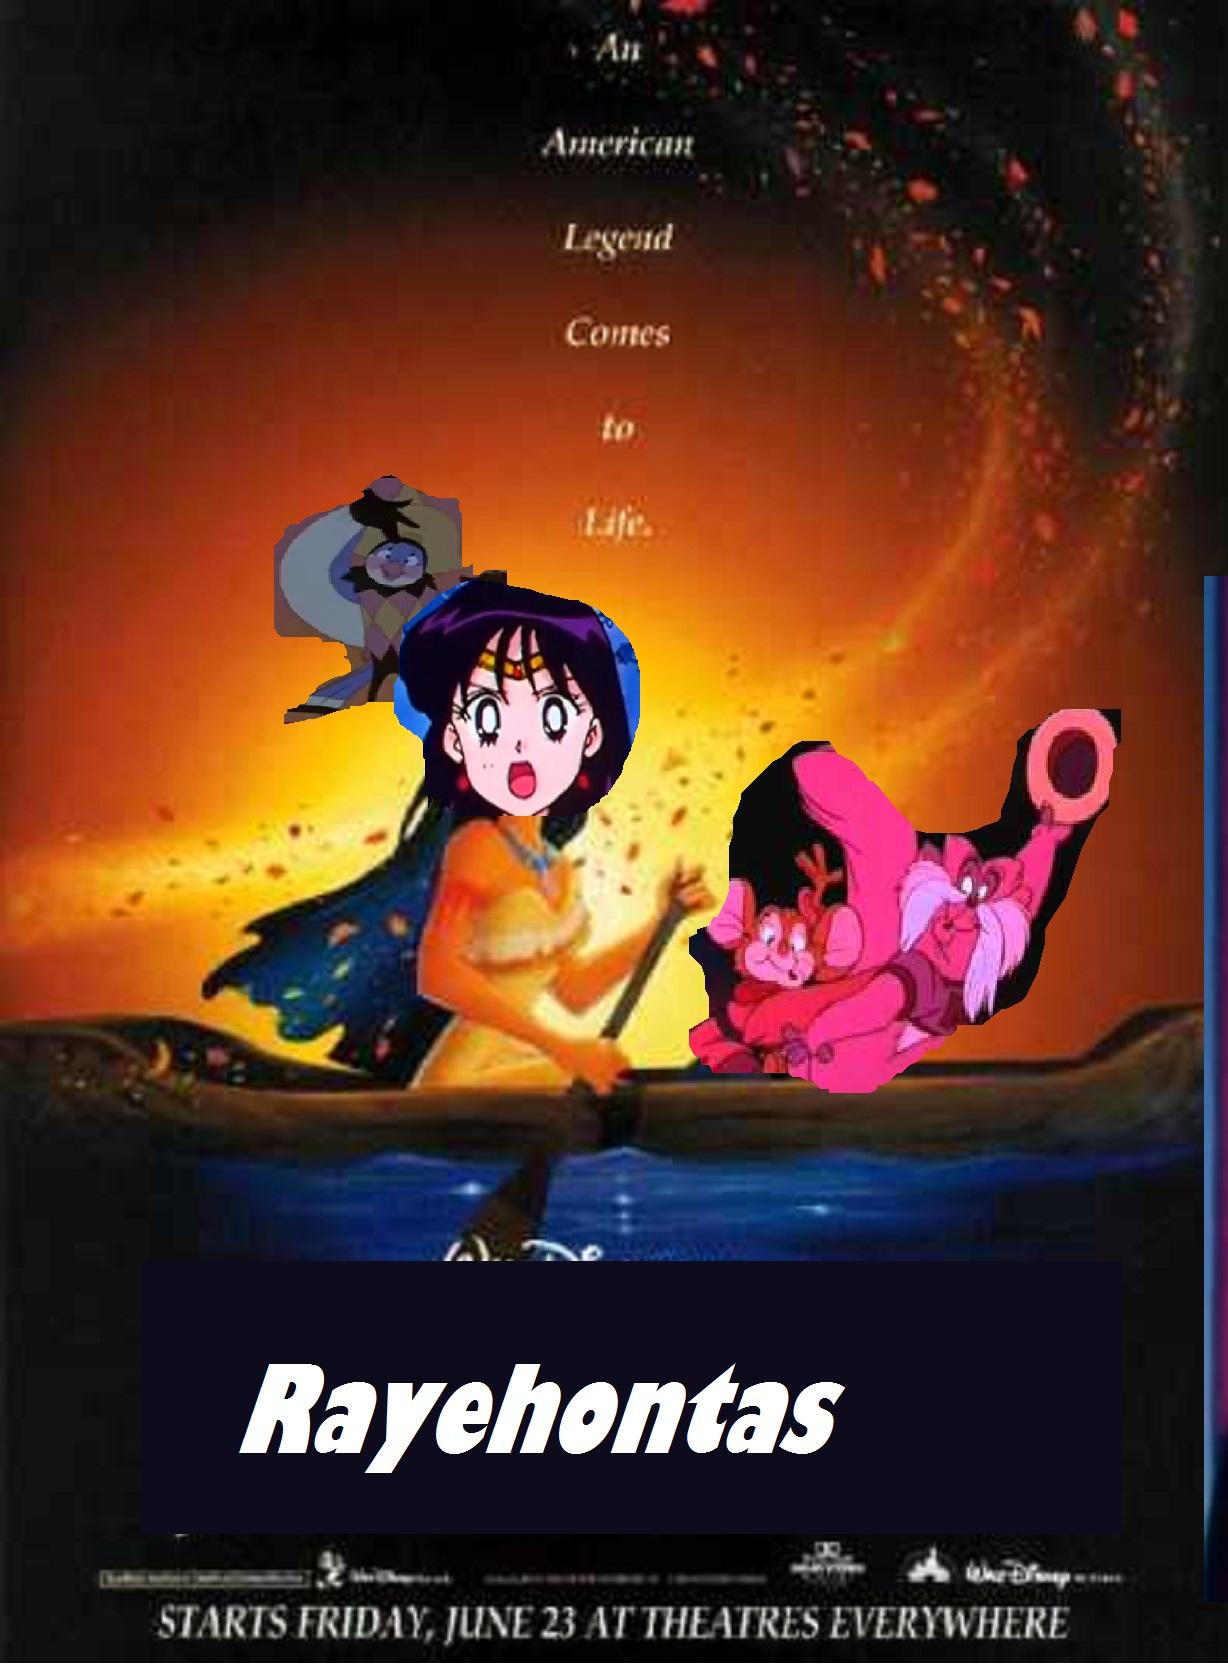 Rayehontas